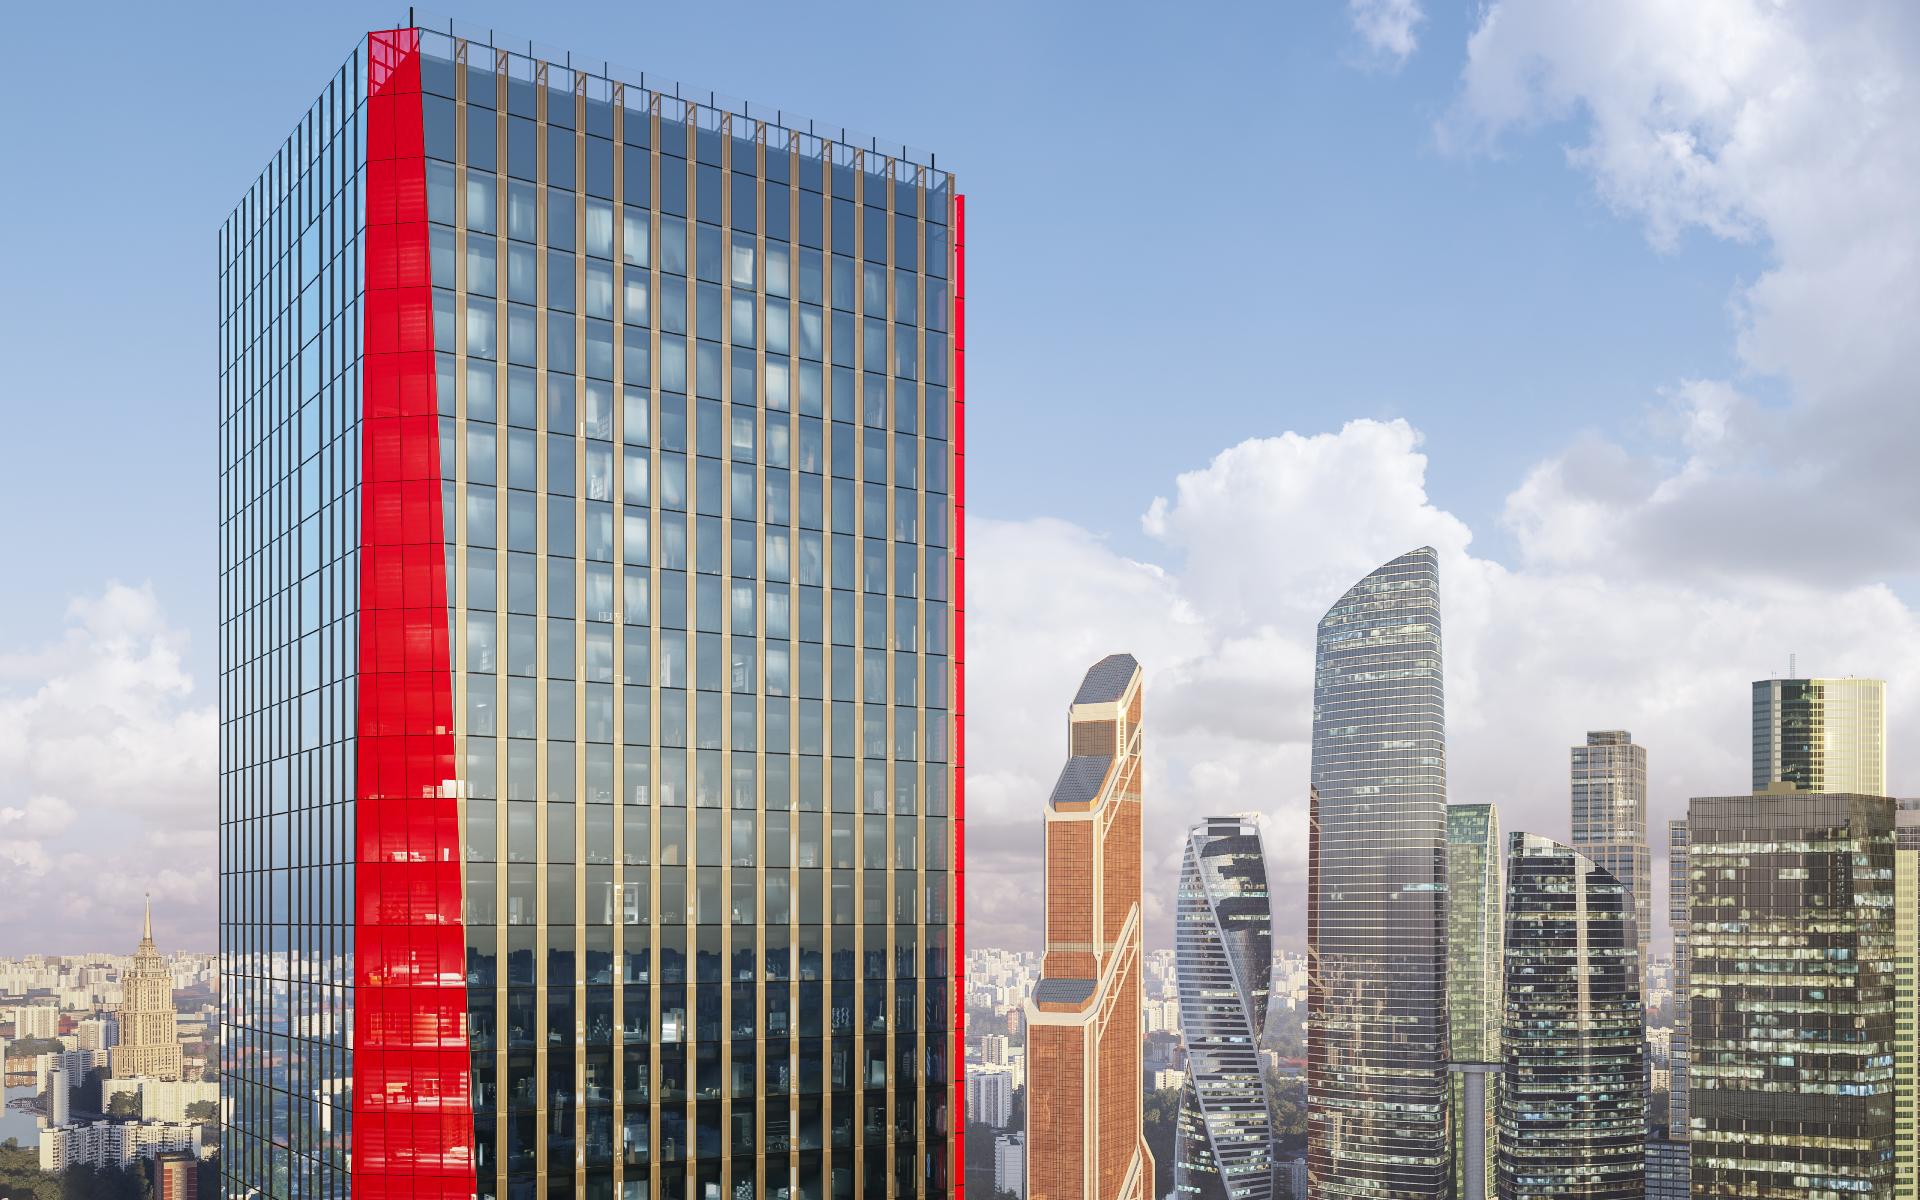 Премиальный бизнес-центр iCITY на фоне «Москва-Сити». Визуализация MR Group